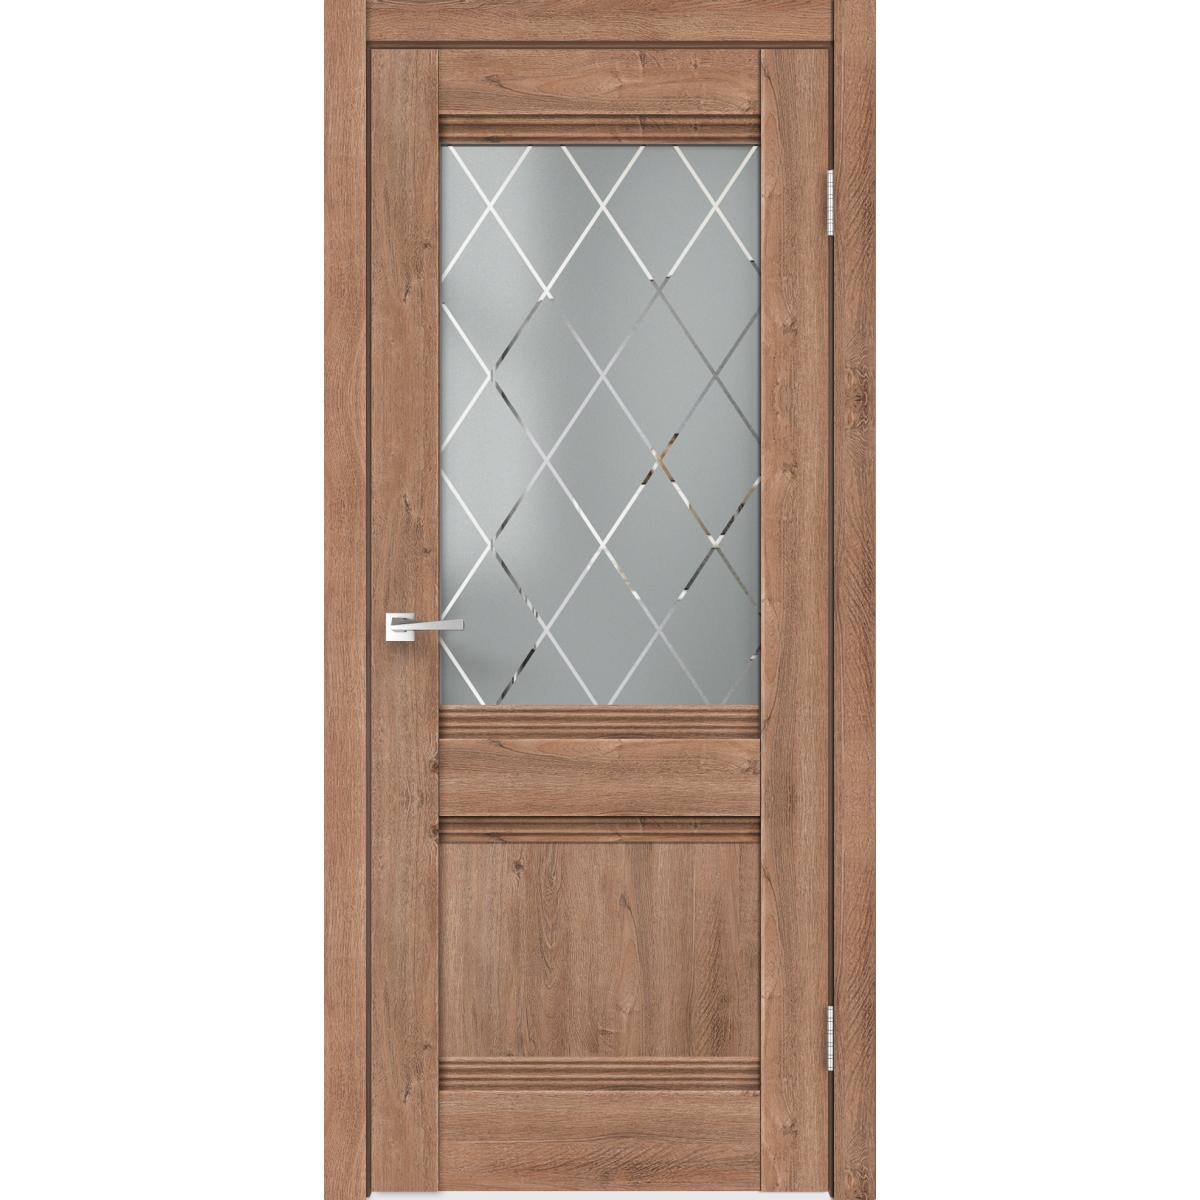 Дверь межкомнатная остеклённая с замком и петлями в комплекте «Тоскана» 80x200 см цвет дуб бельмонт